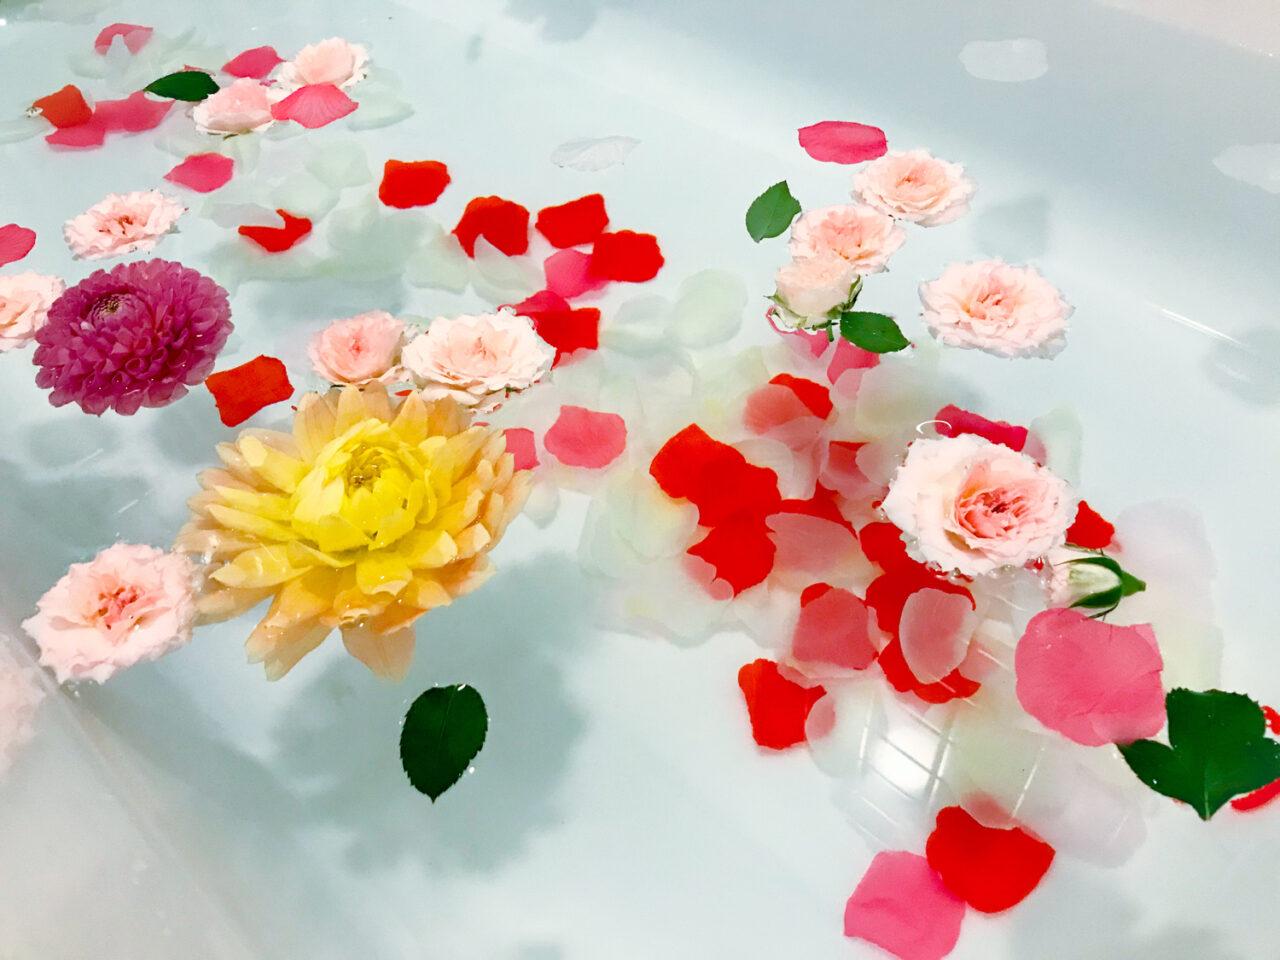 最近湯船、浸かってますか?お風呂のメリット&お供してほしいバスアイテムのお話